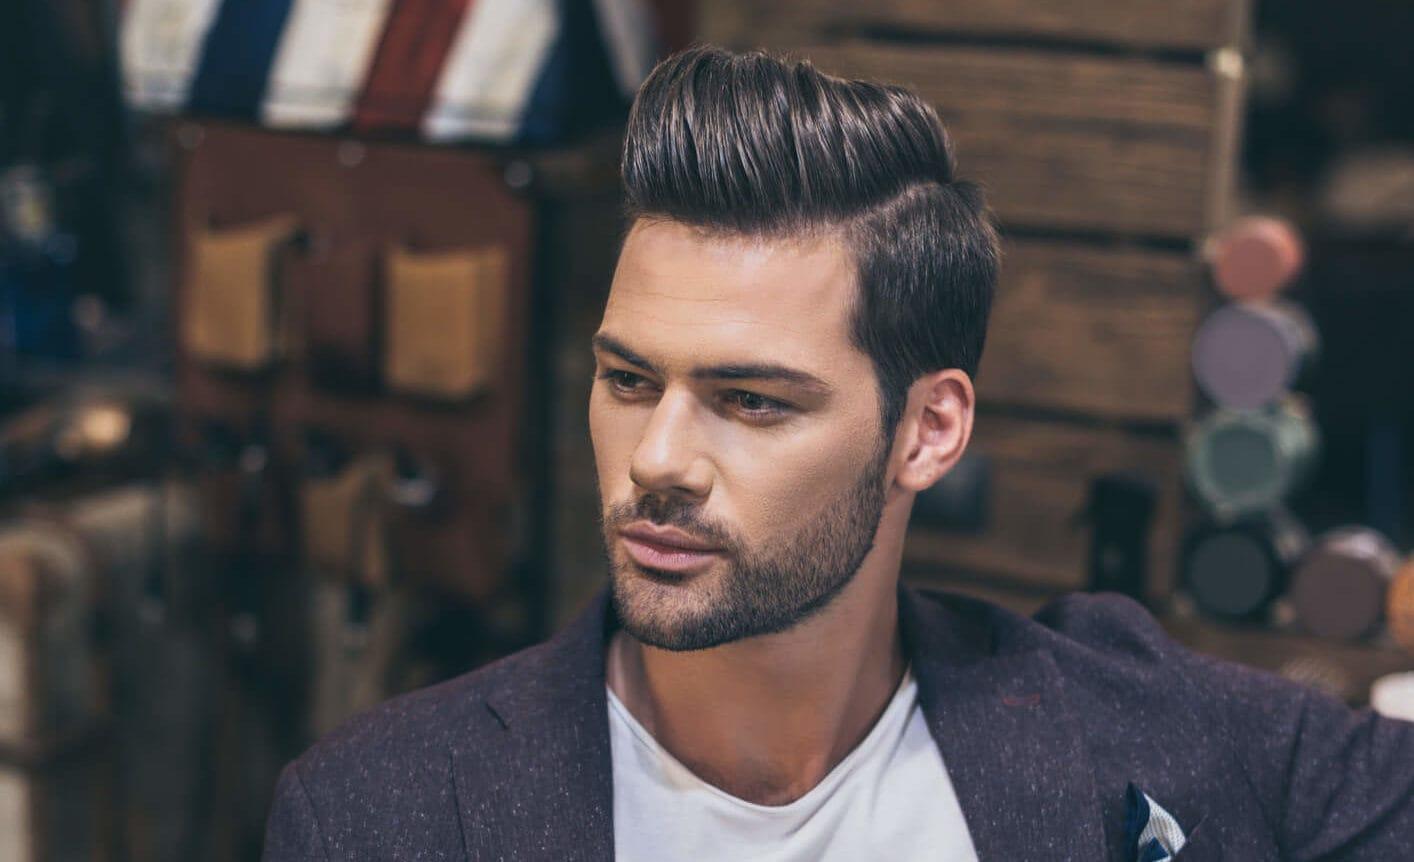 5 Cortes De Pelo Para Hombres Con Cara Redonda All Things Hair